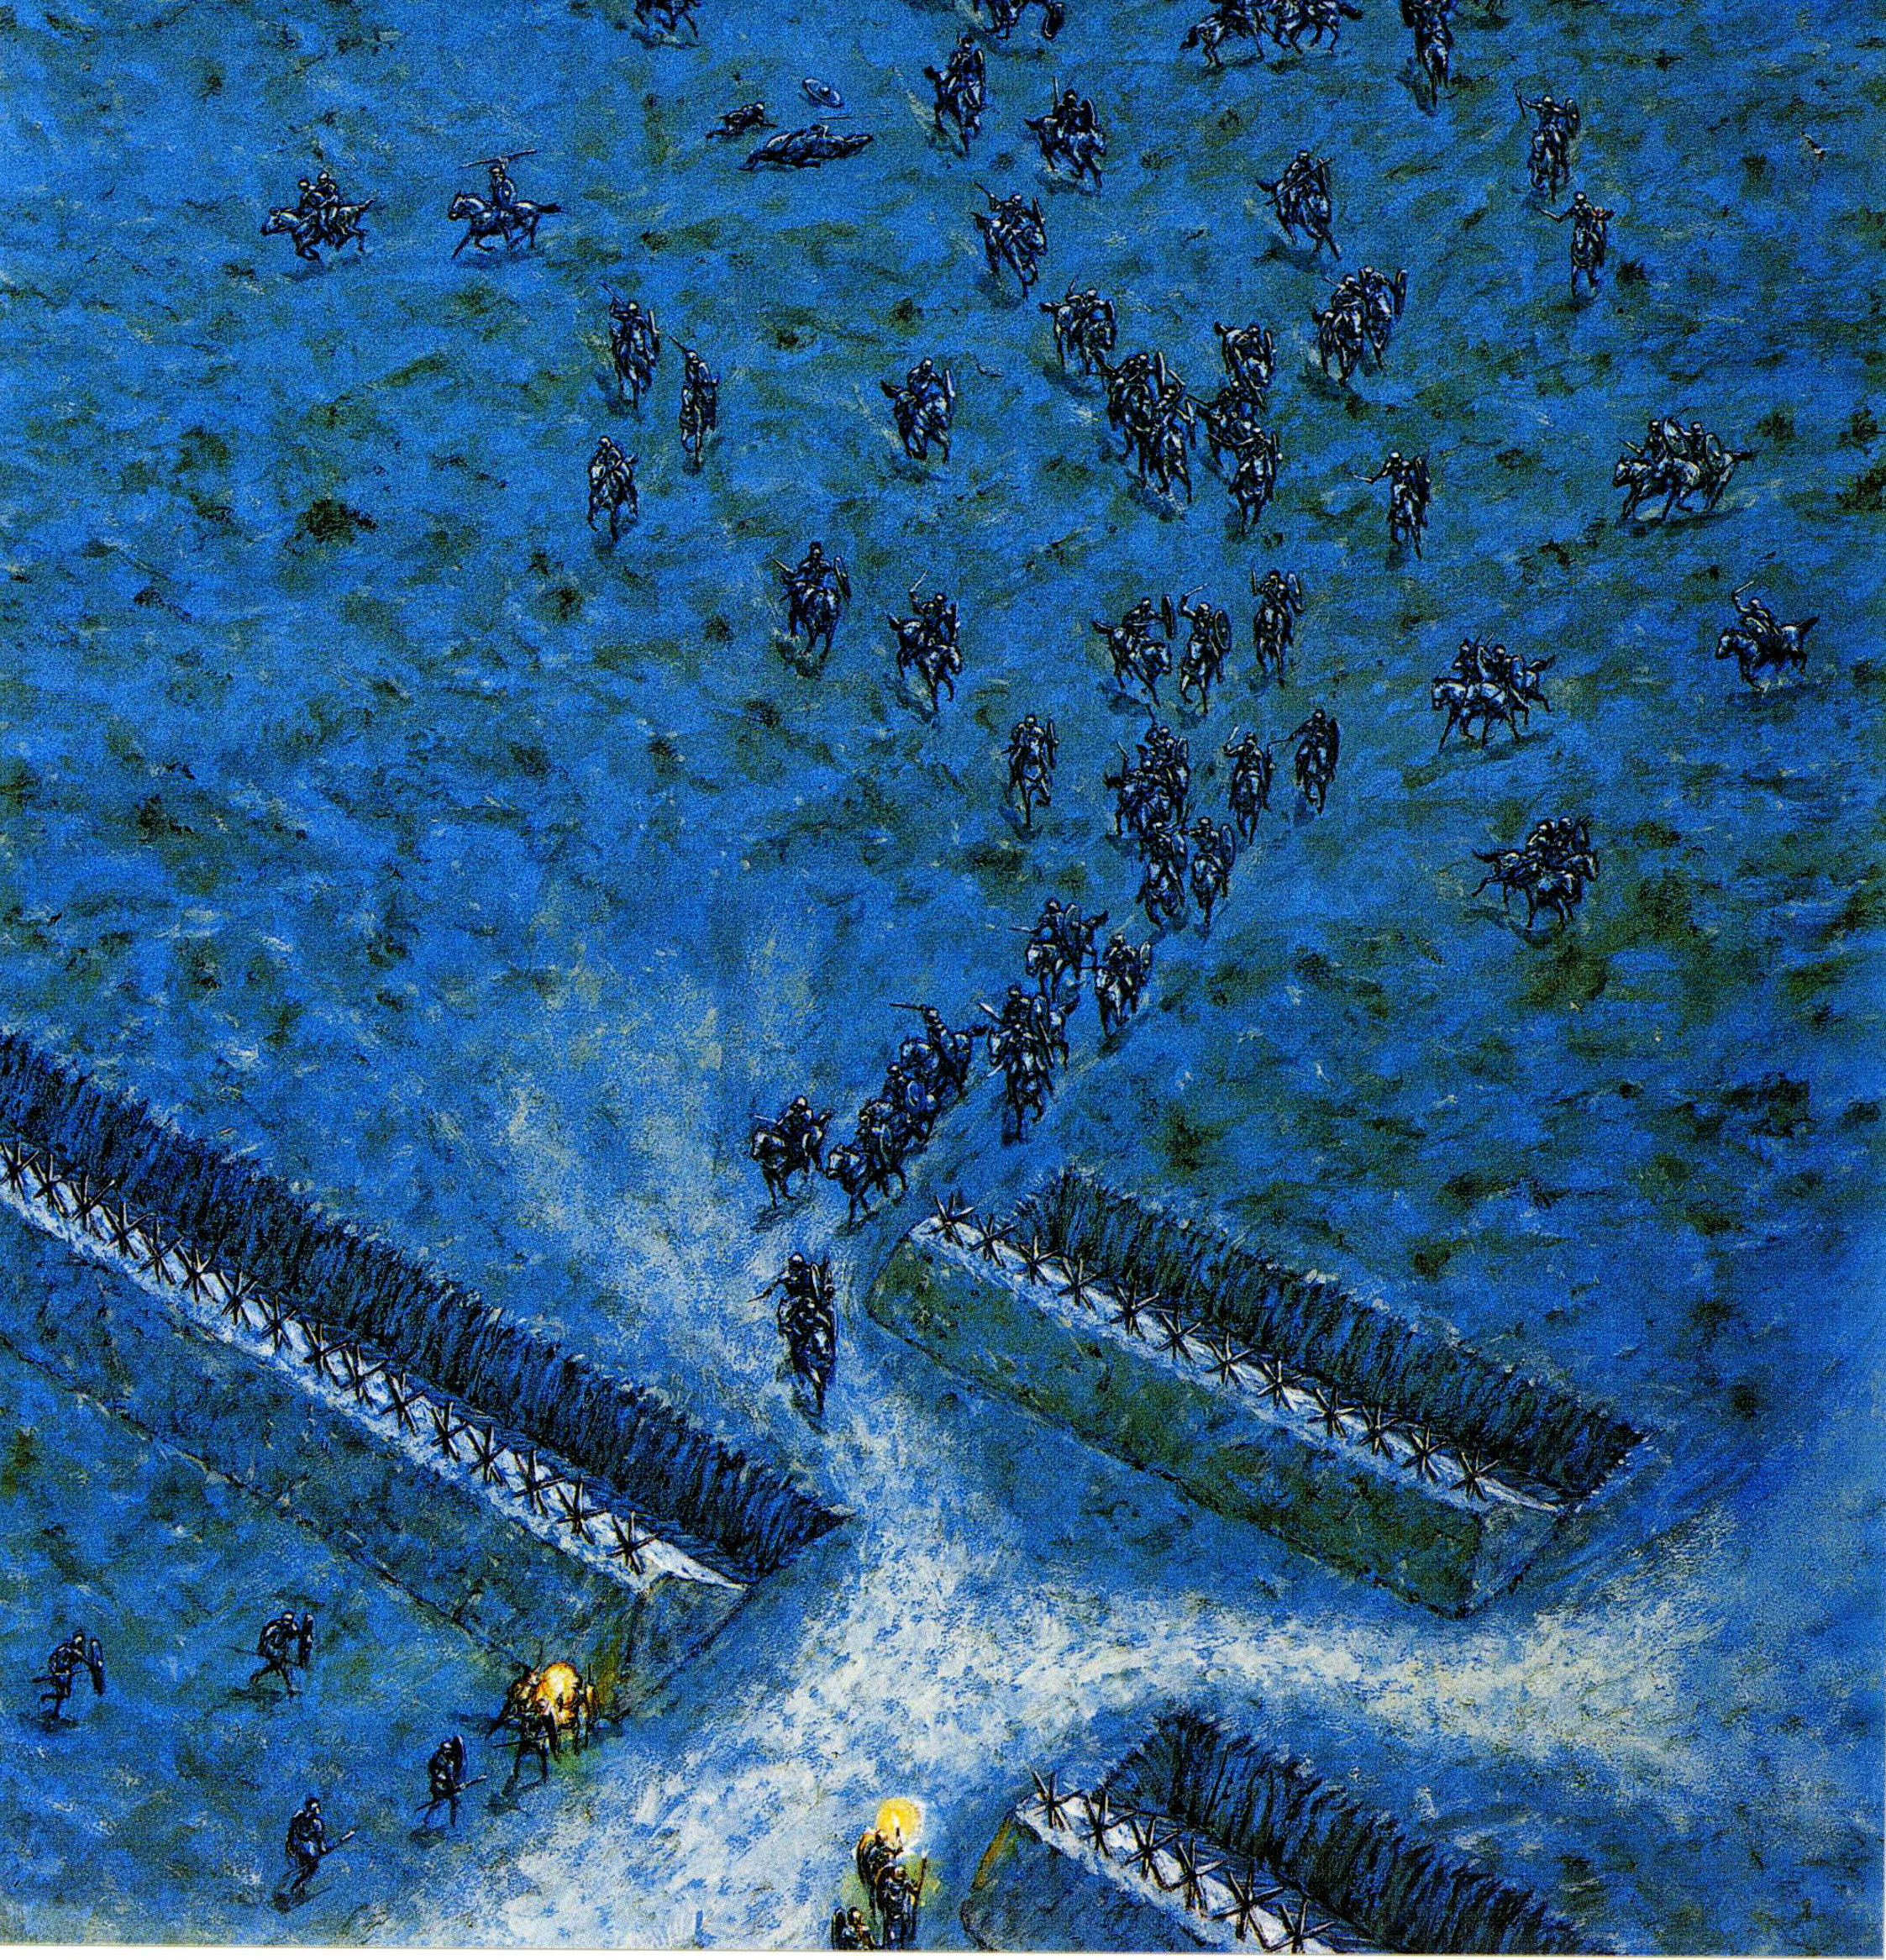 Segunda batalla de Bedriacum o de Cremona 24/25 octubre. La caballería vespasiana en un imprudente ataque es rechazada y puesta en fuga por la caballería viteliana, intentando acogerse a su campamento, la infantería vespasiana sale y da comienzo la batalla. Autor Adam Hook